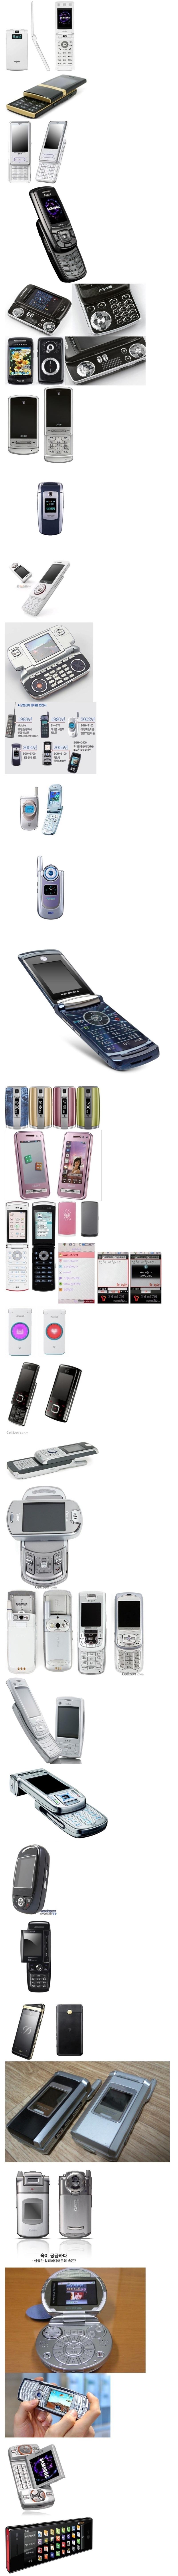 다양한 디자인의 휴대폰이 나왔던 시절